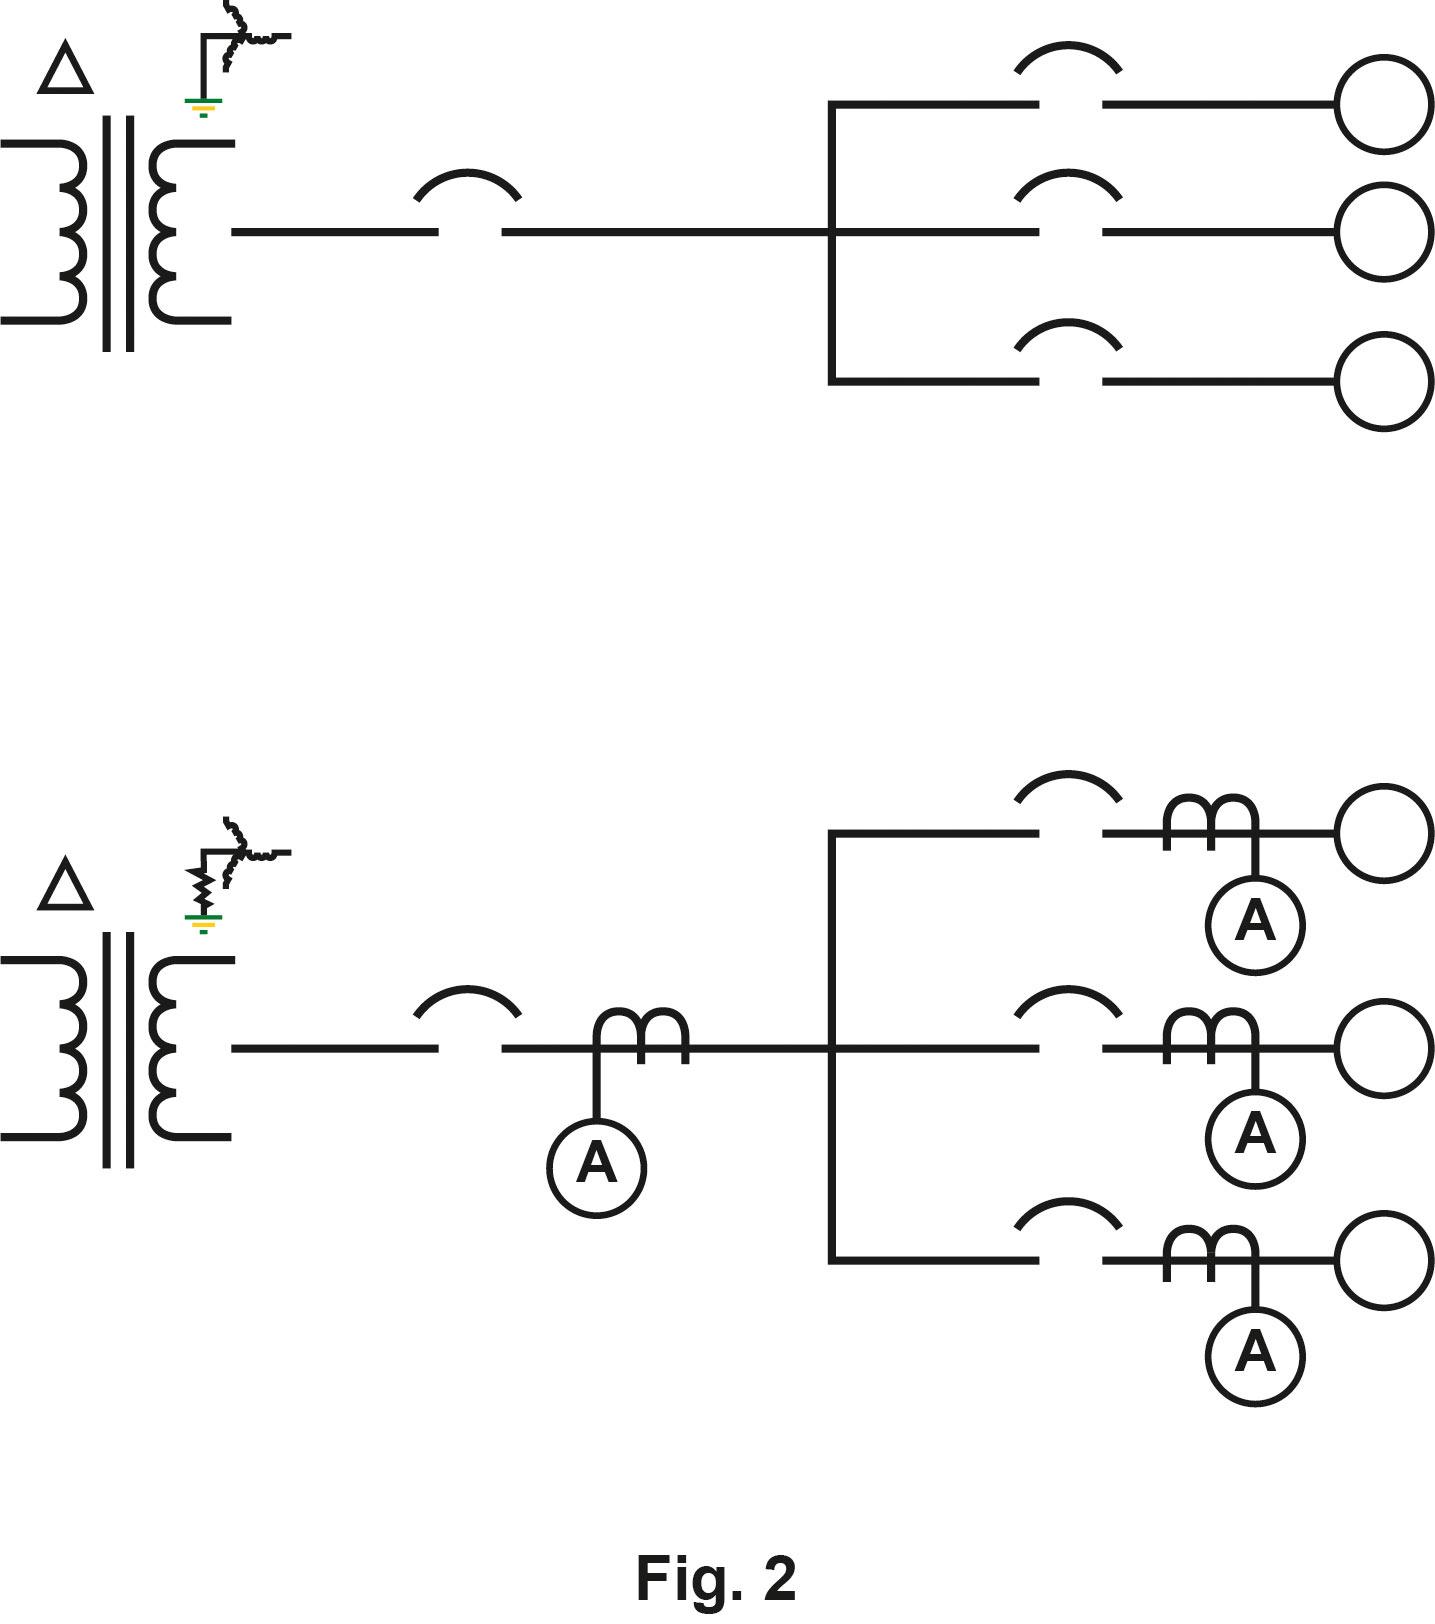 Consideraciones para actualizar el sistema en relación con la conversión de un sistema conectado directamente a tierra con resistencia